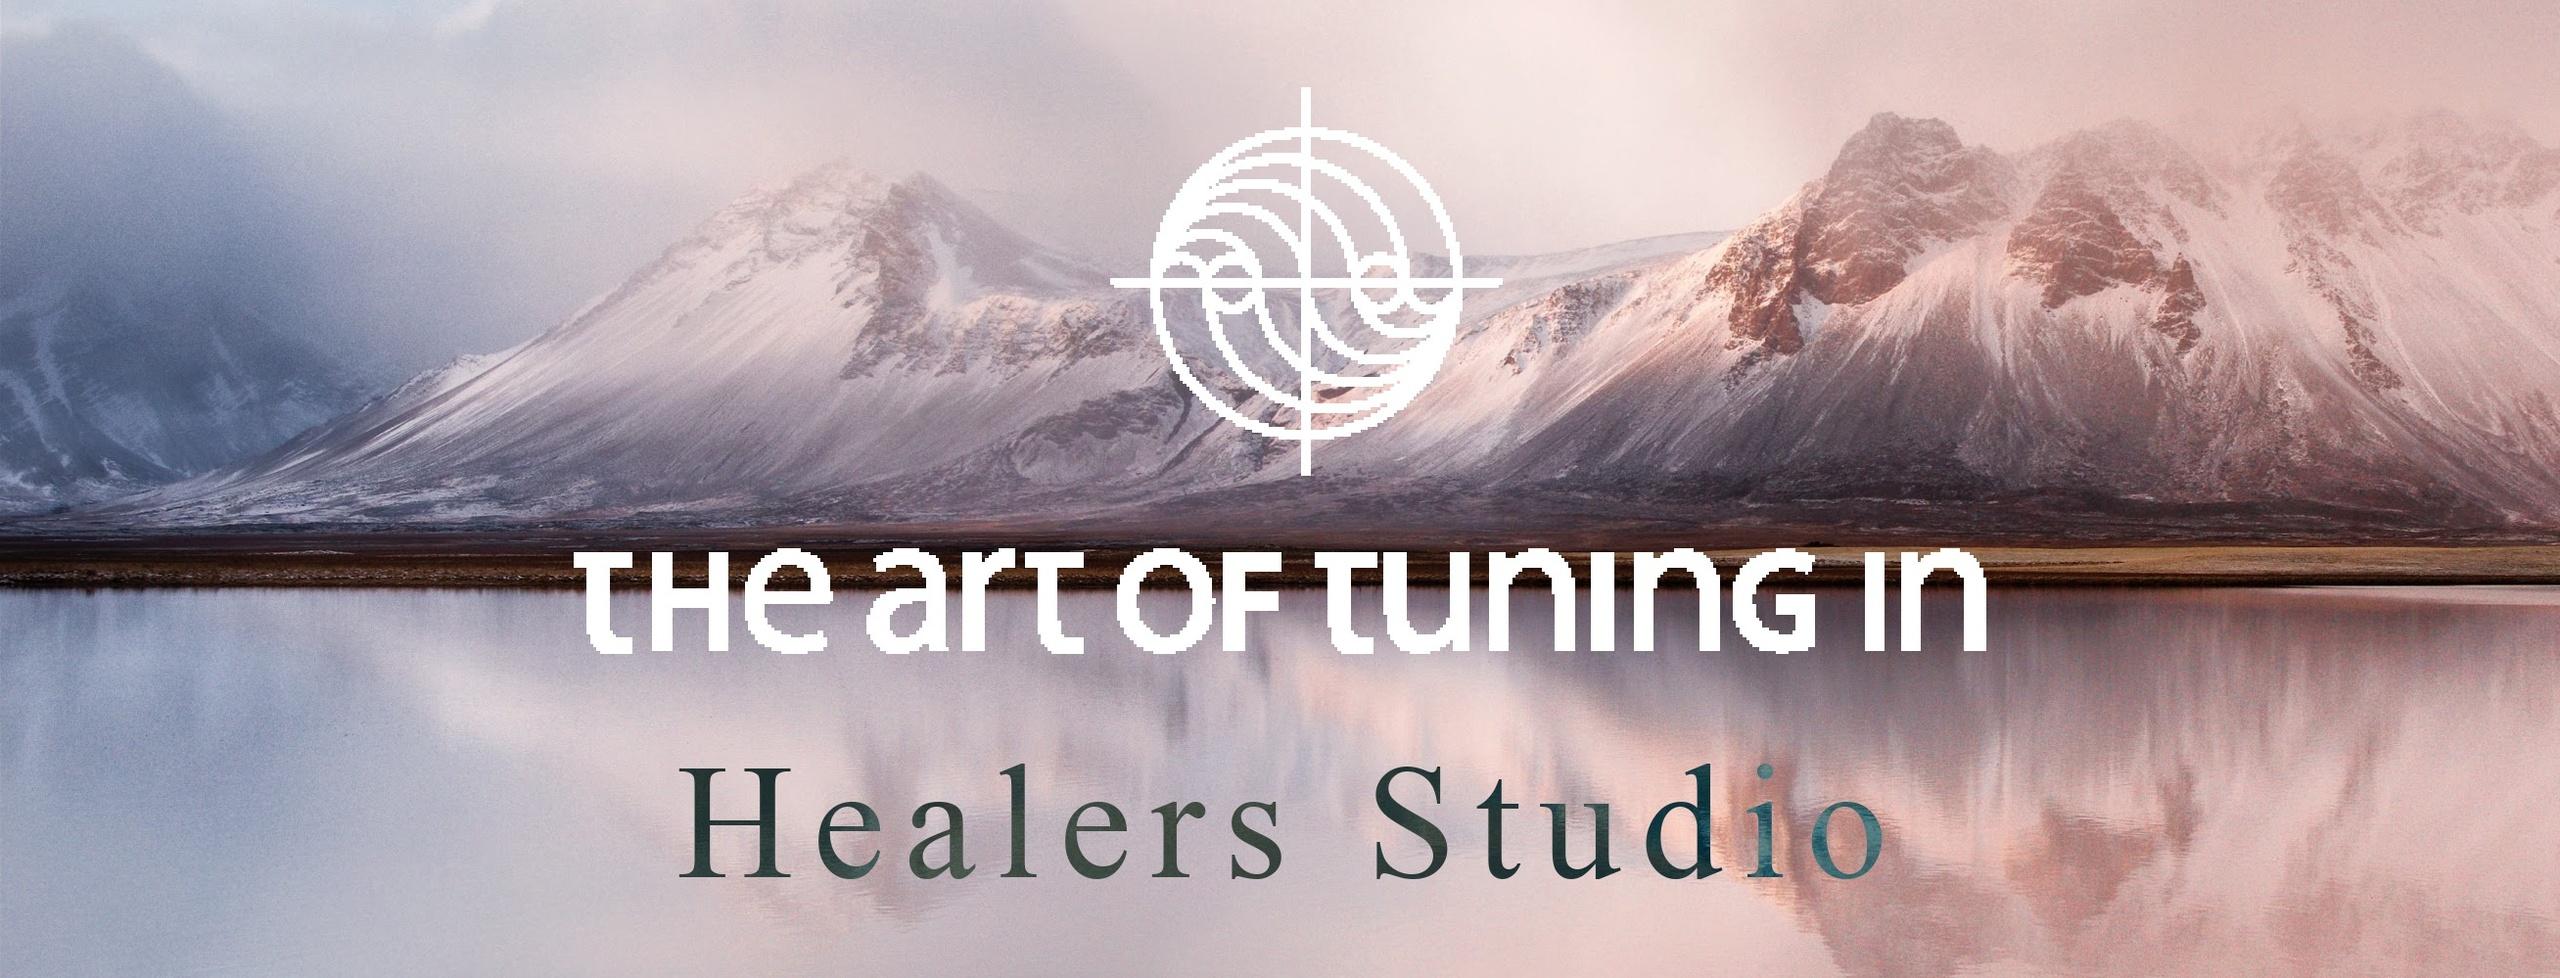 The-Art-Of-Tuning-In-Healers-Studio